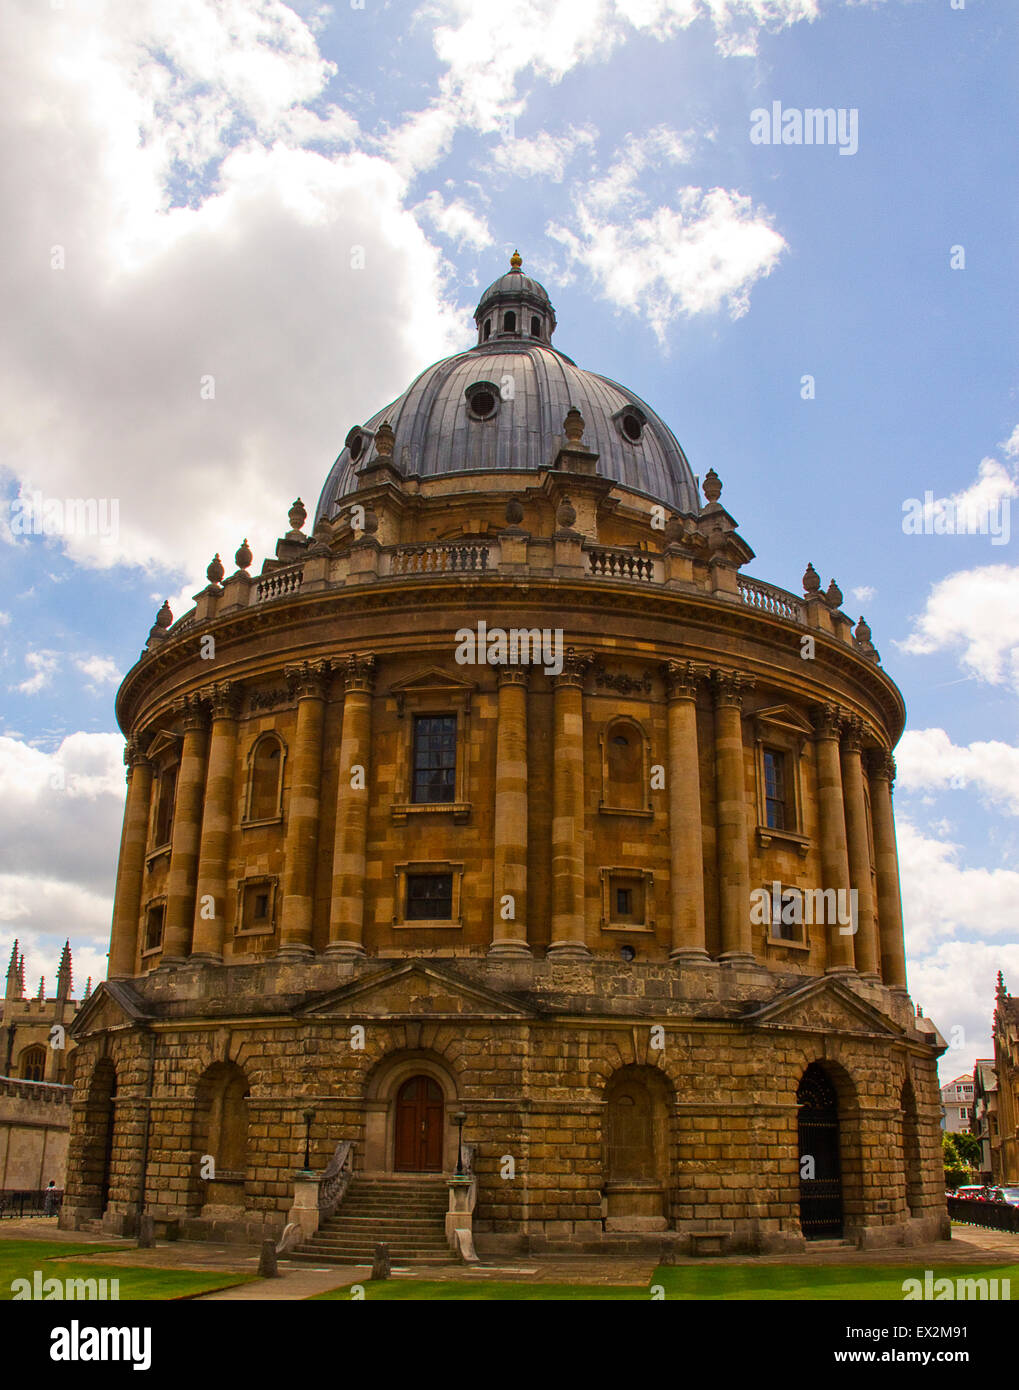 Radcliffe Camera, Università di Oxford Regno Unito Immagini Stock